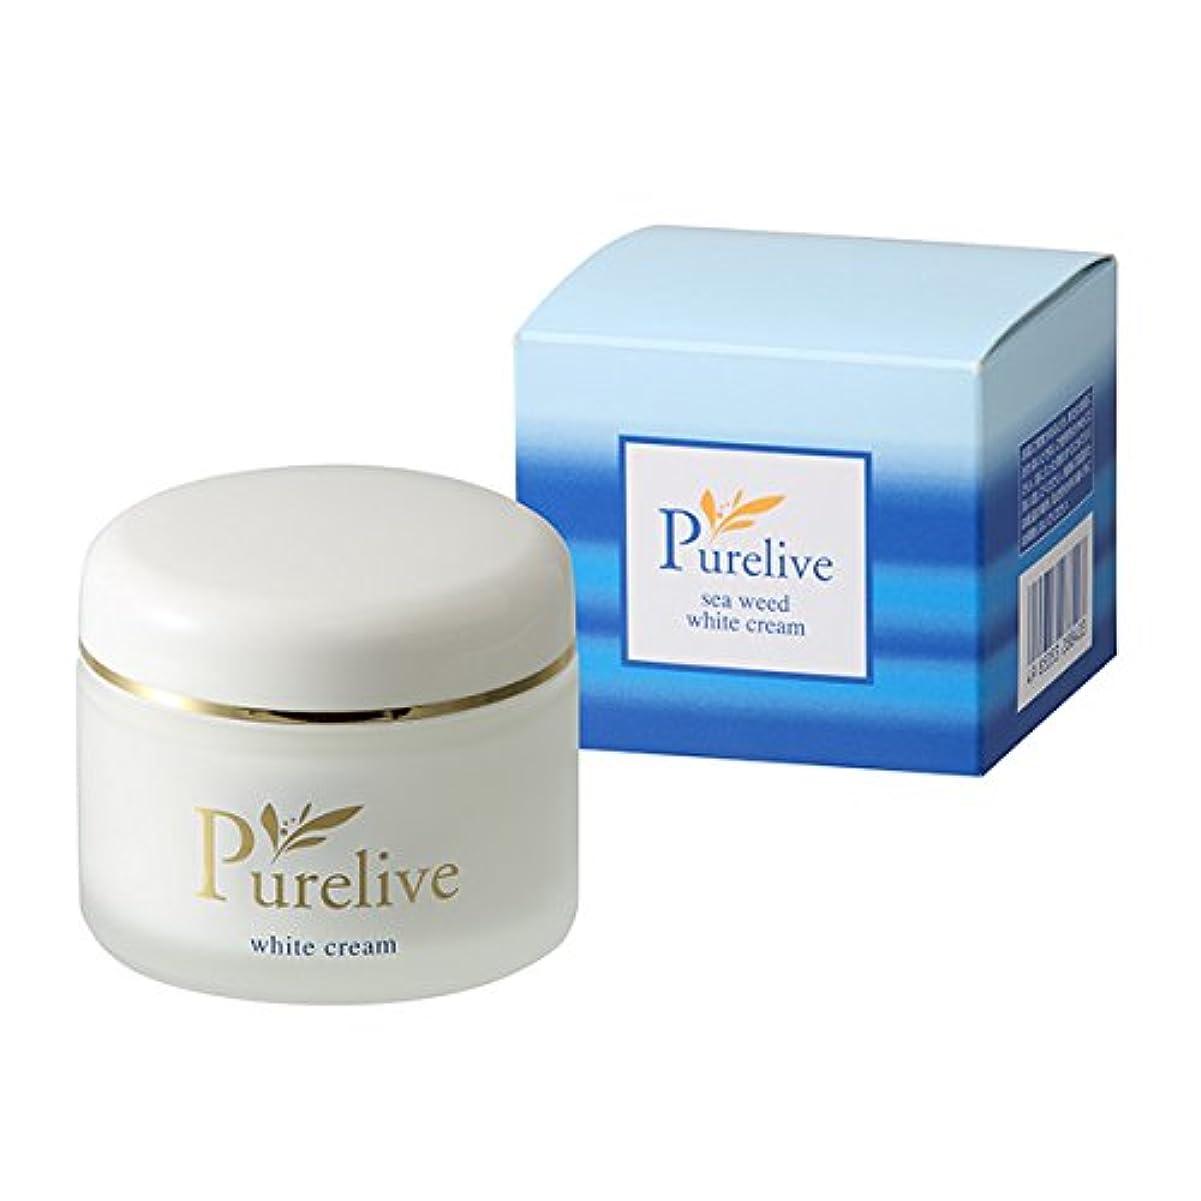 節約する淡い考える[PURELIVE] ホワイト モイスチャークリーム White Moisture Cream‐KH320